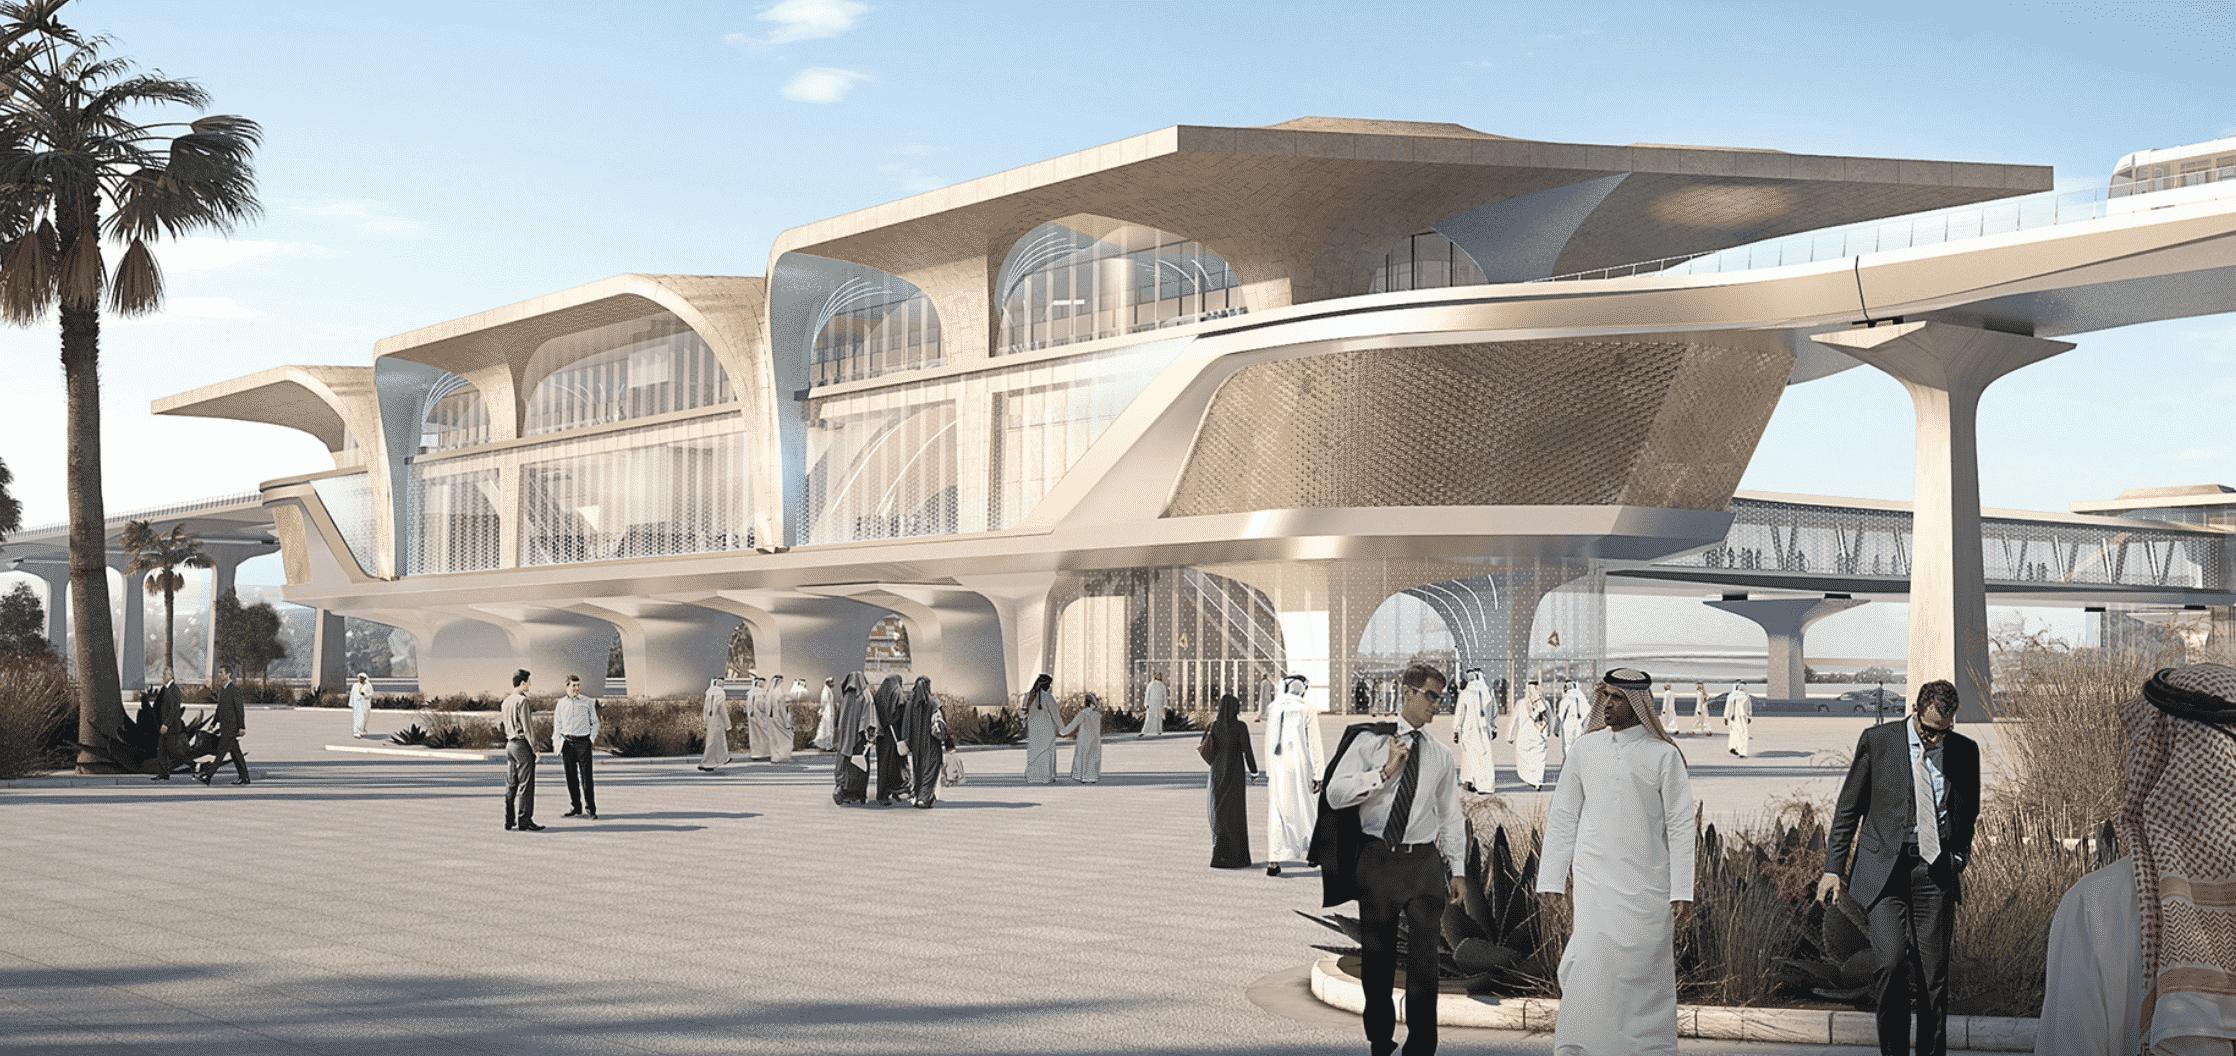 Qatar Railways